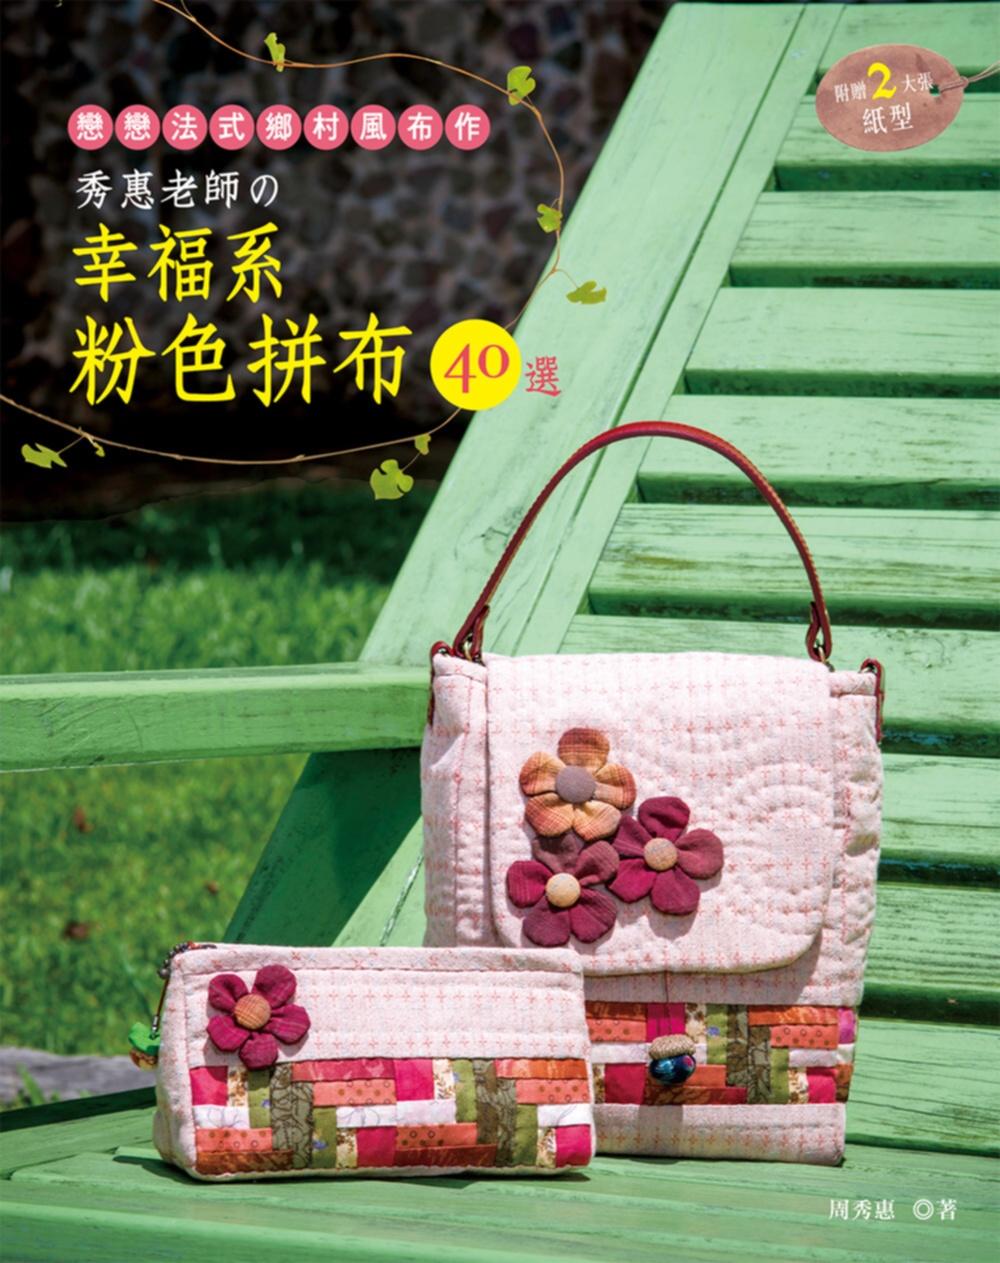 秀惠老師的幸福系粉色拼布40選